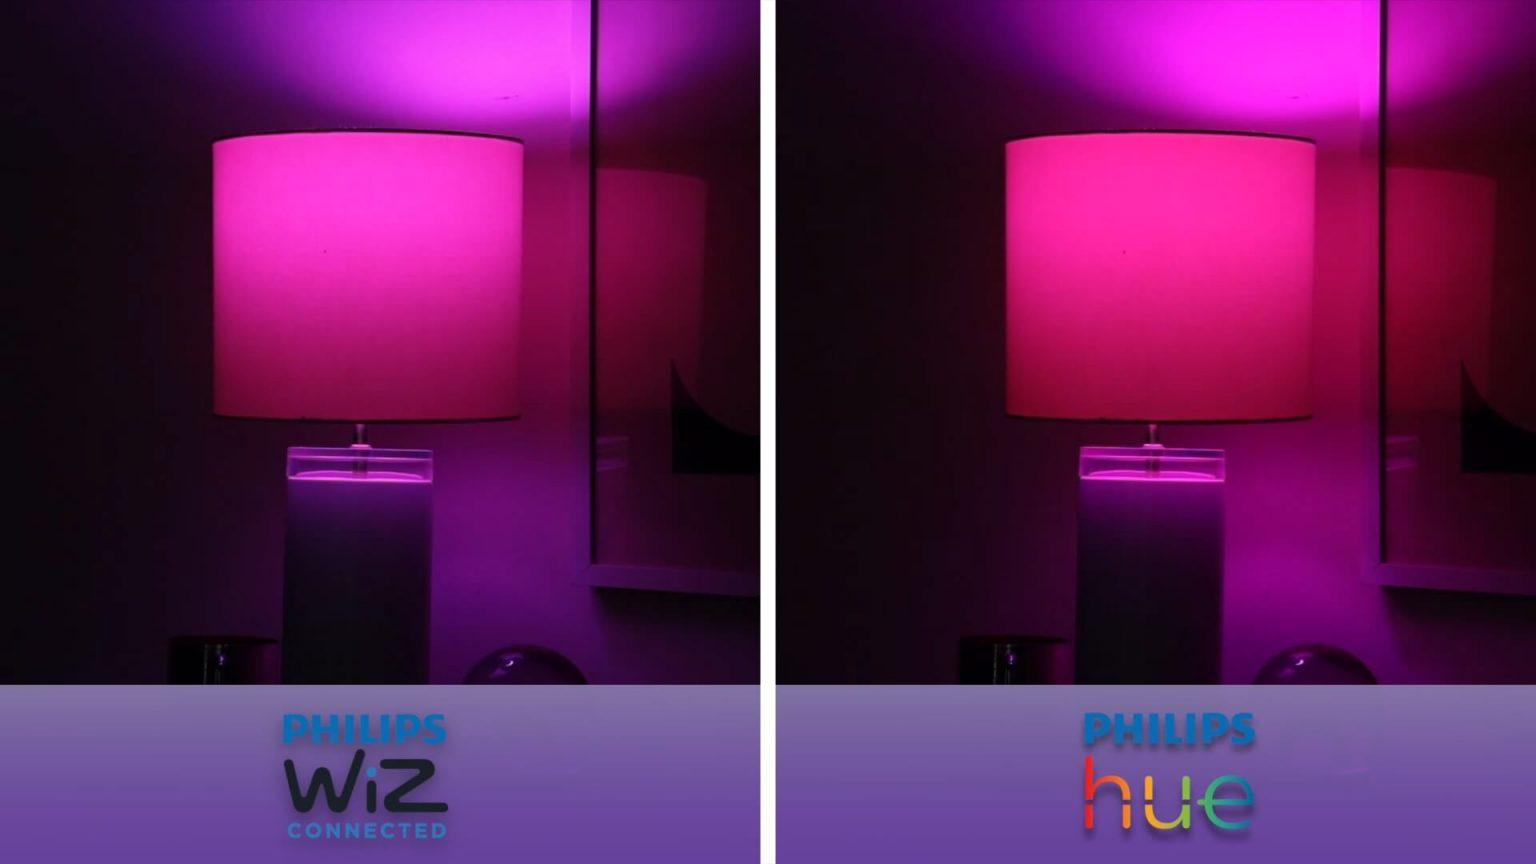 Review Wiz Vs Philips Hue 8